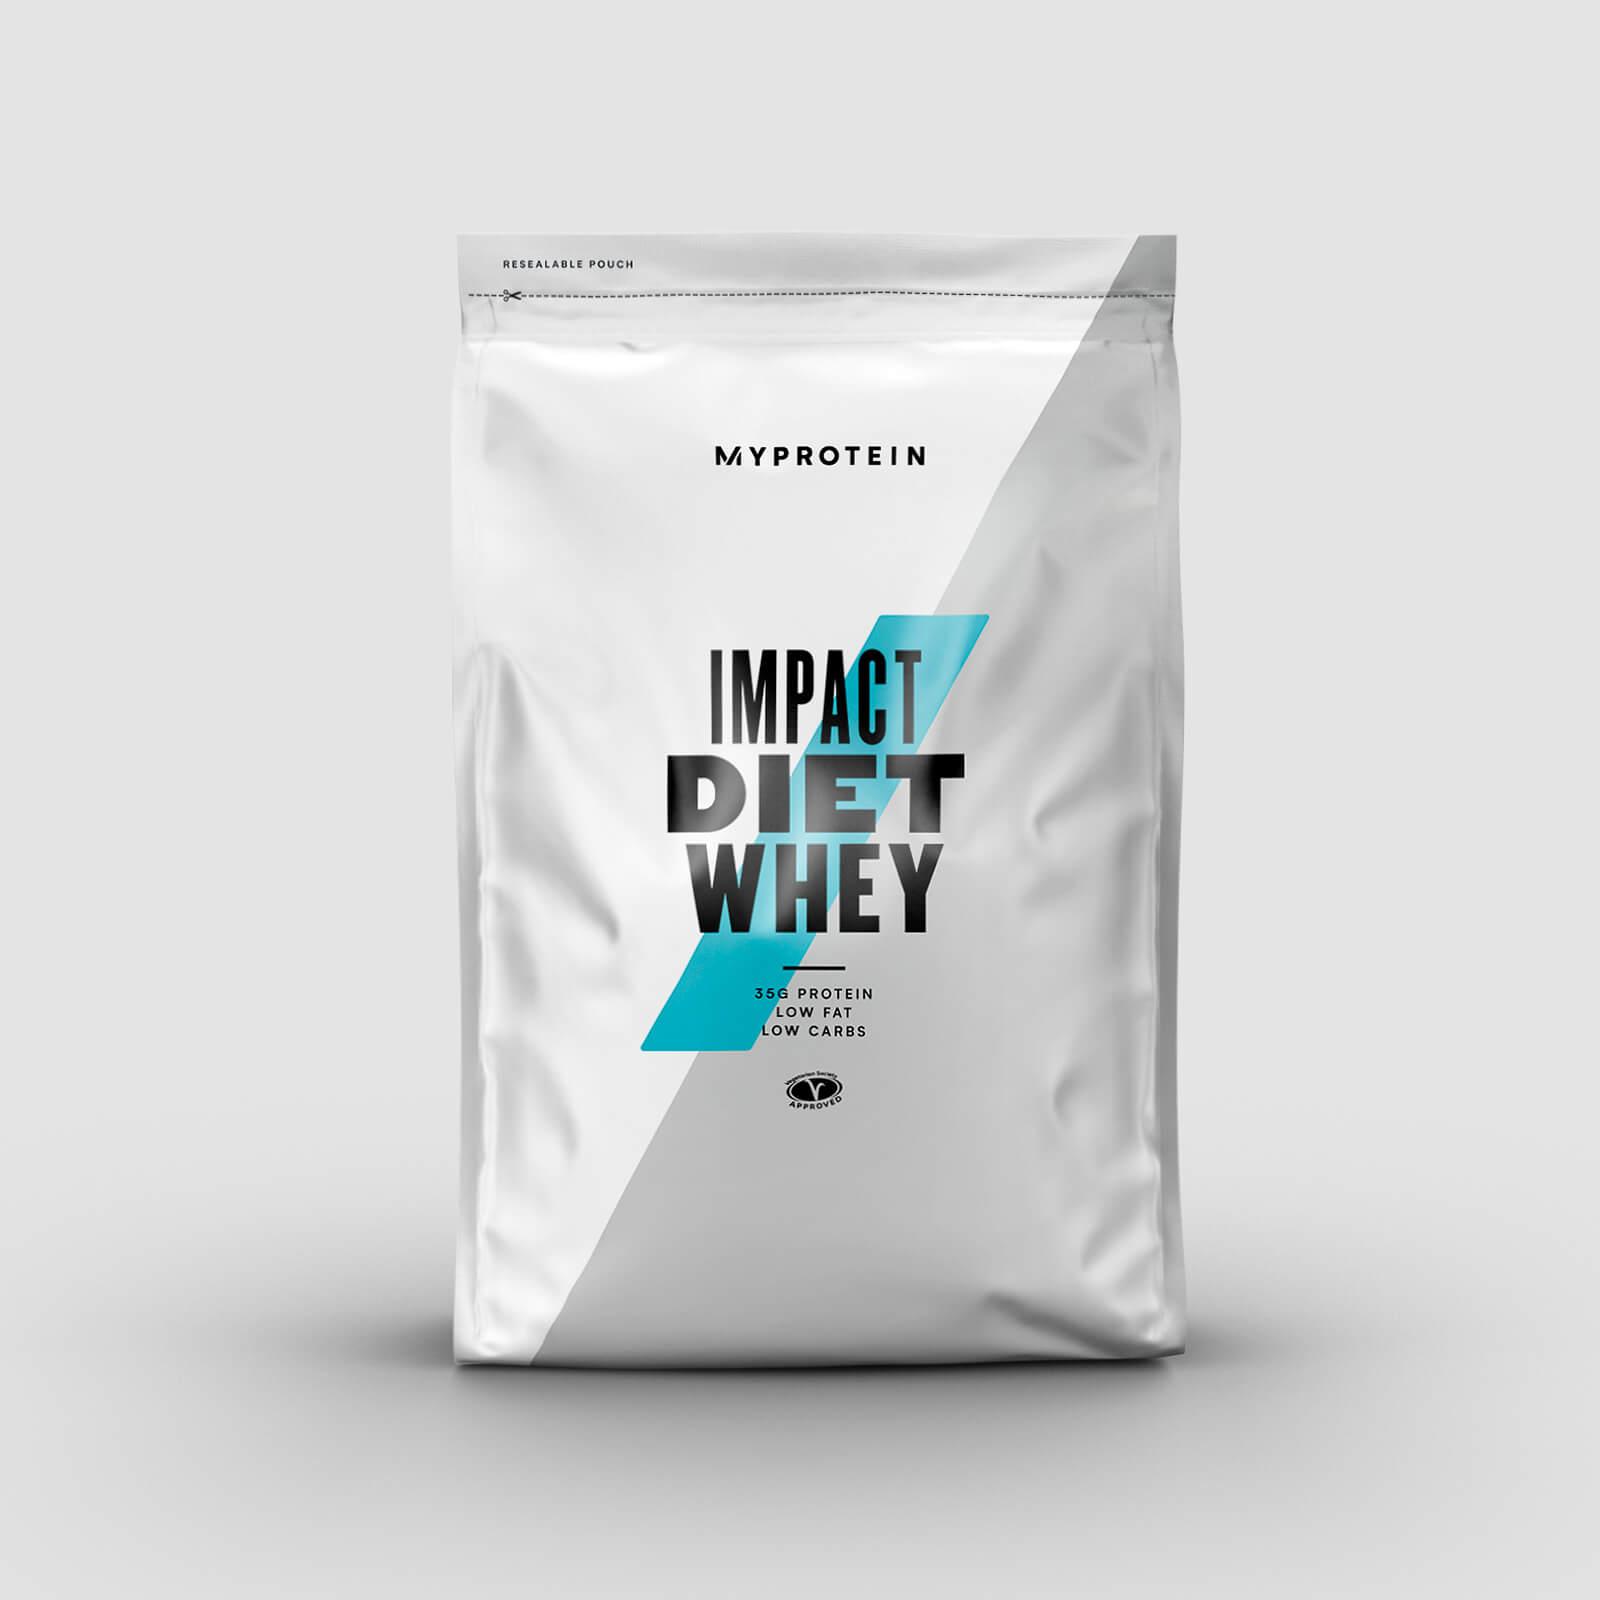 Myprotein Impact Diet Whey (250g) - 250g - Chocolate